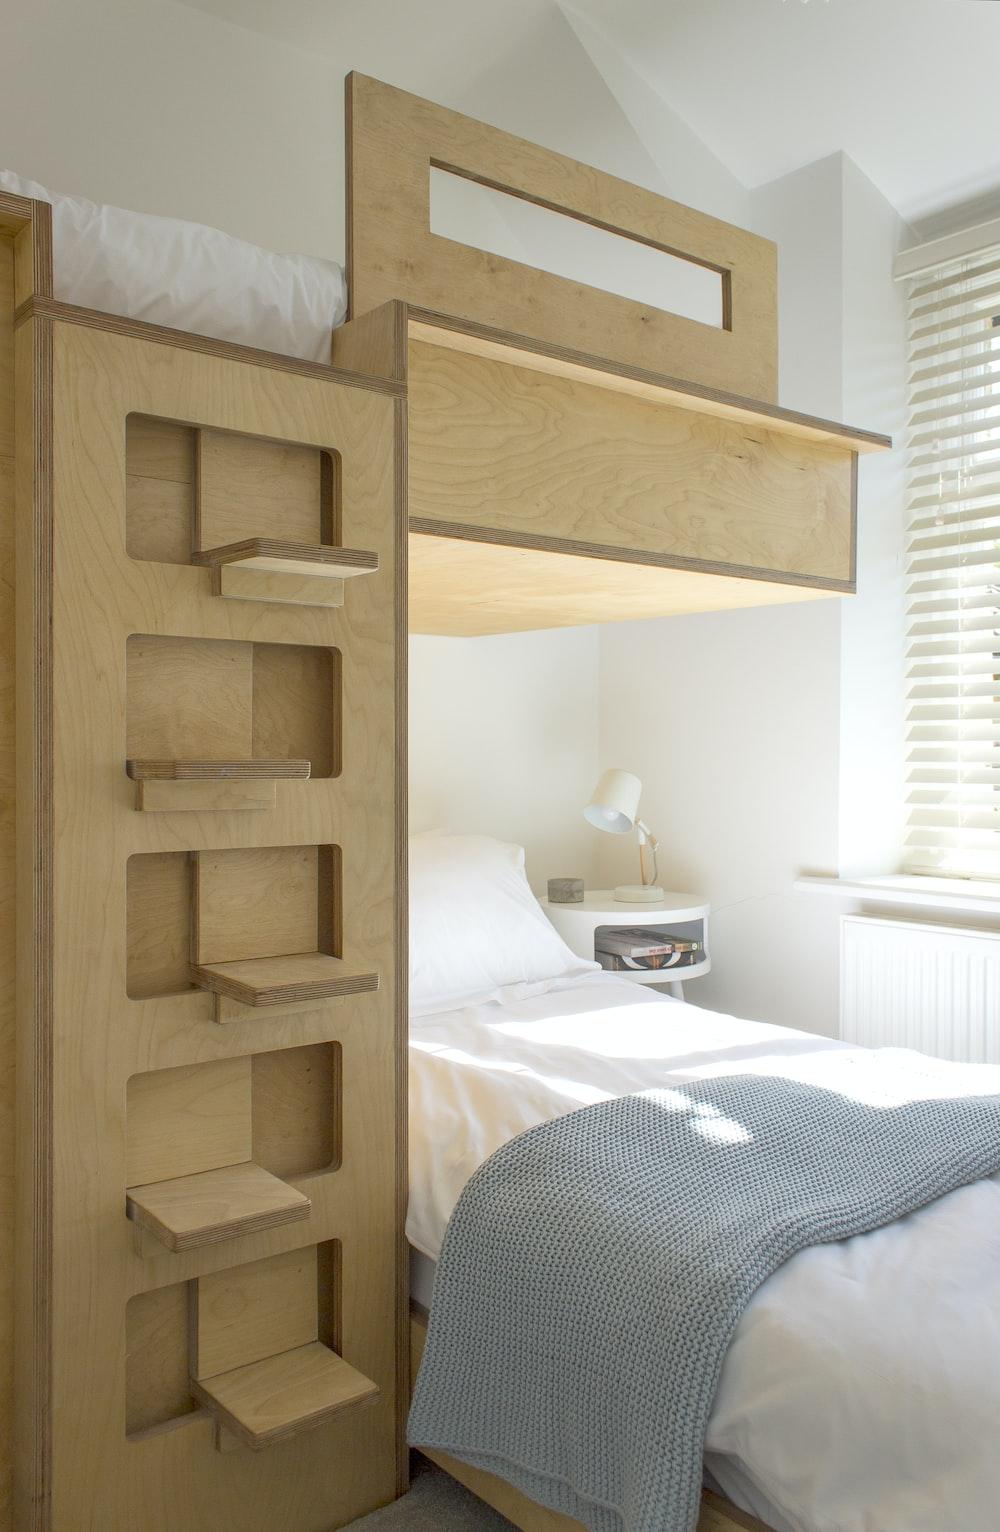 Modern Bedroom Pictures Download Free Images On Unsplash